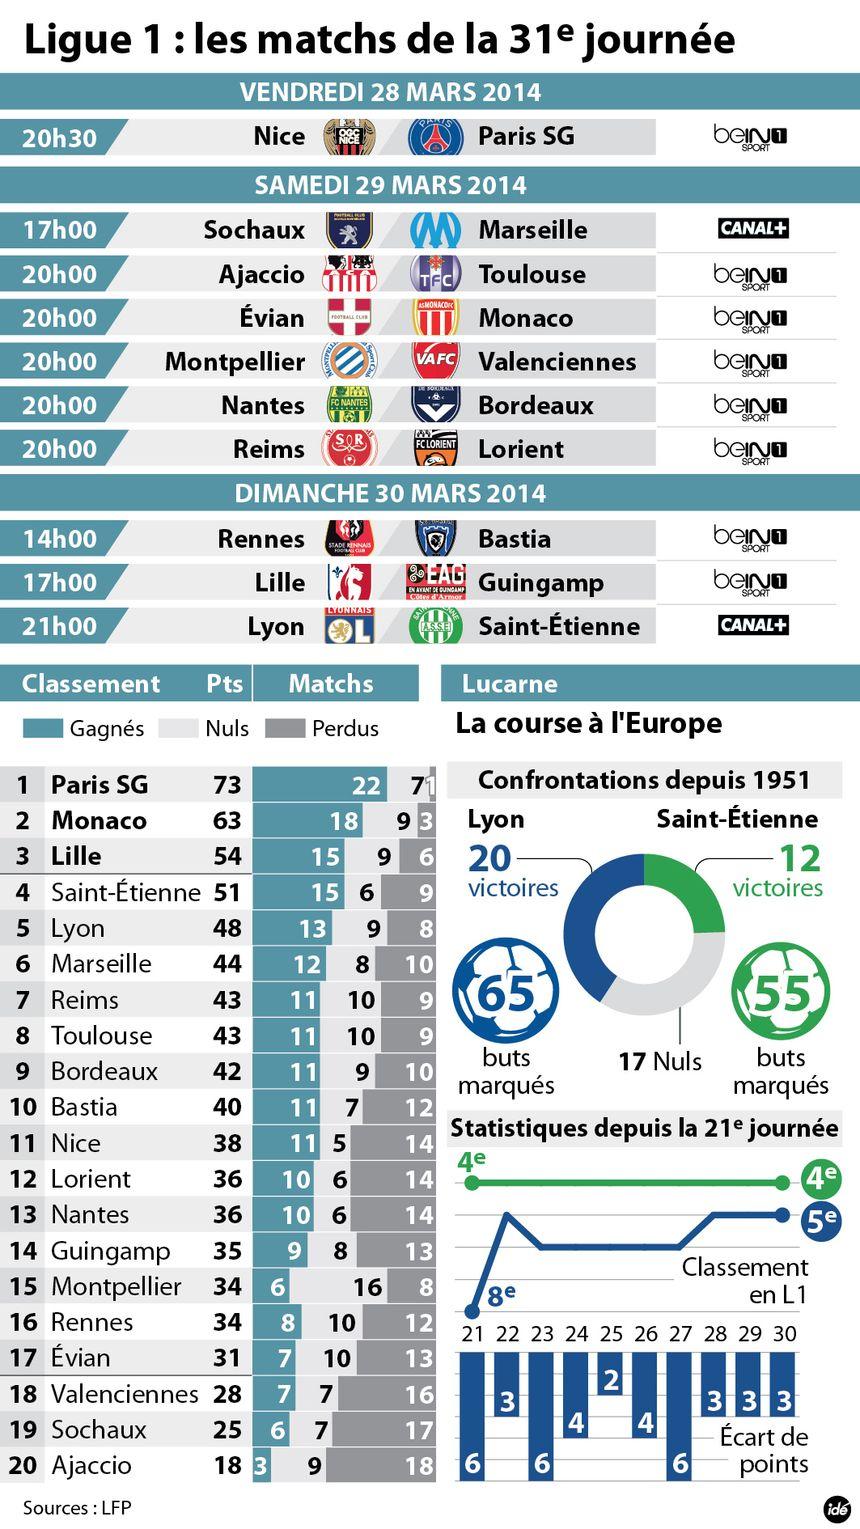 La 31e journée de Ligue 1 - IDÉ